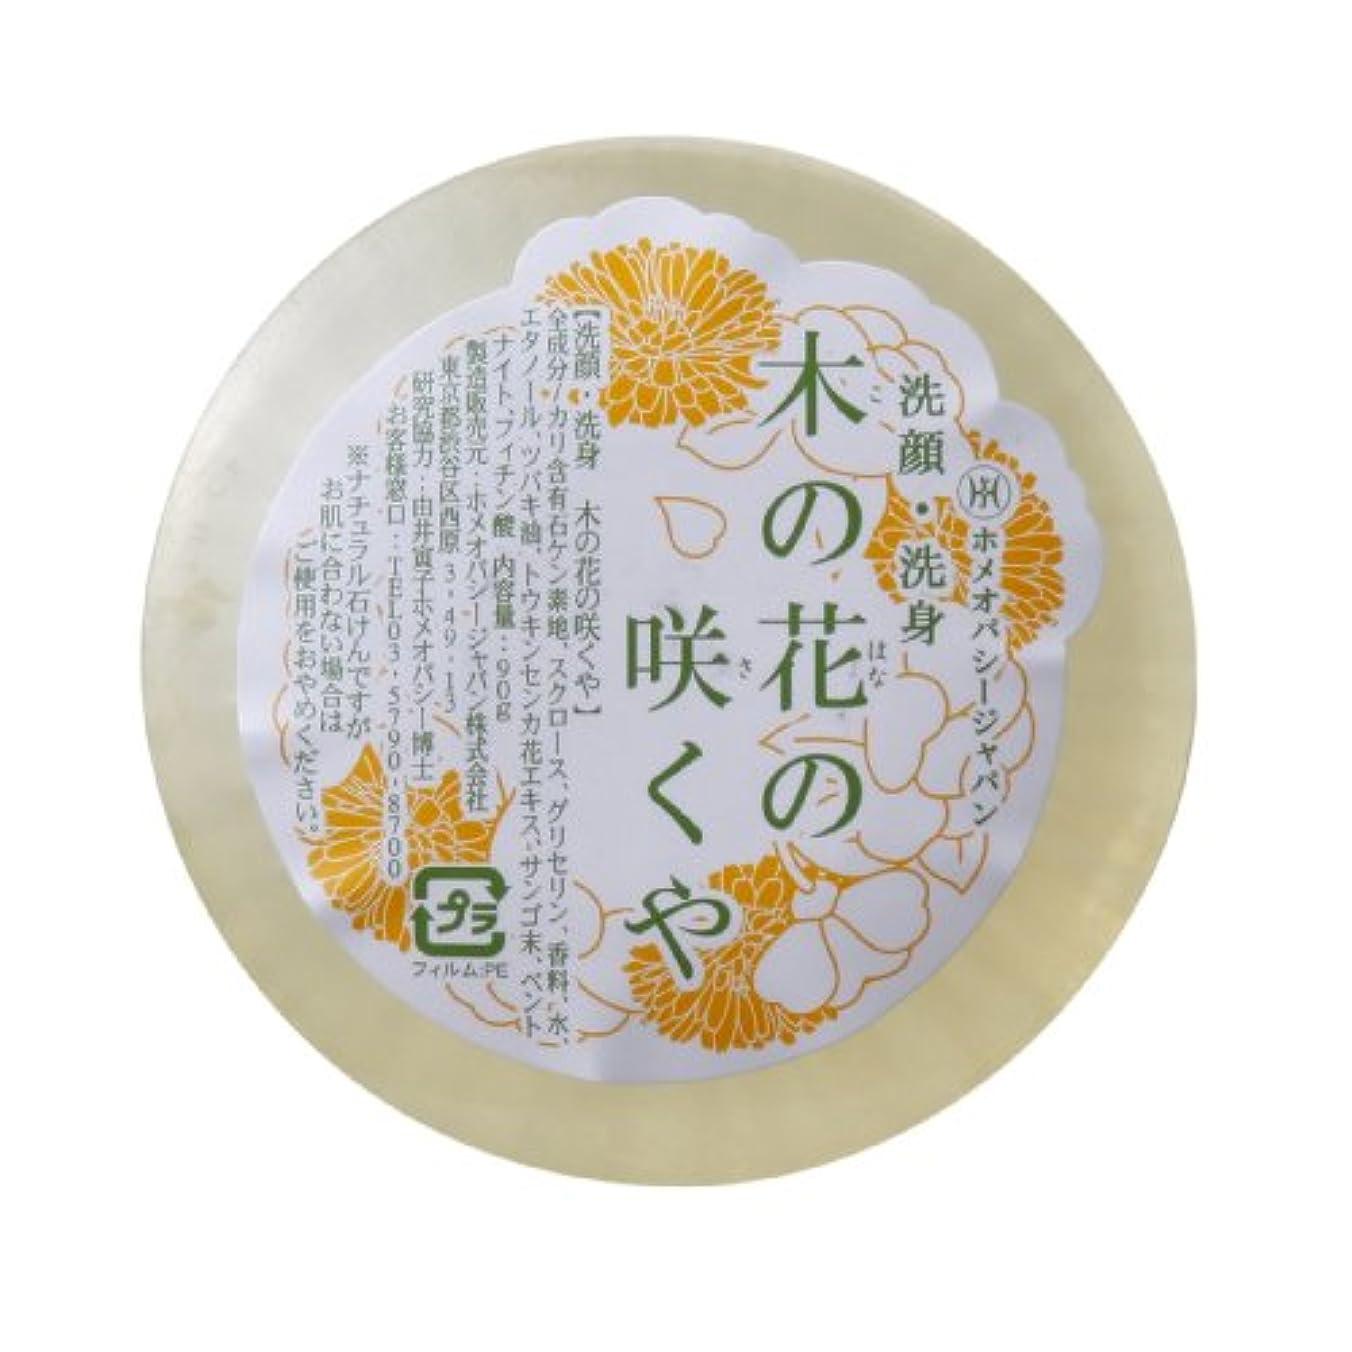 雇う重要な役割を果たす、中心的な手段となるリサイクルする洗顔?洗身 木の花の咲くや(ソープ) 90g